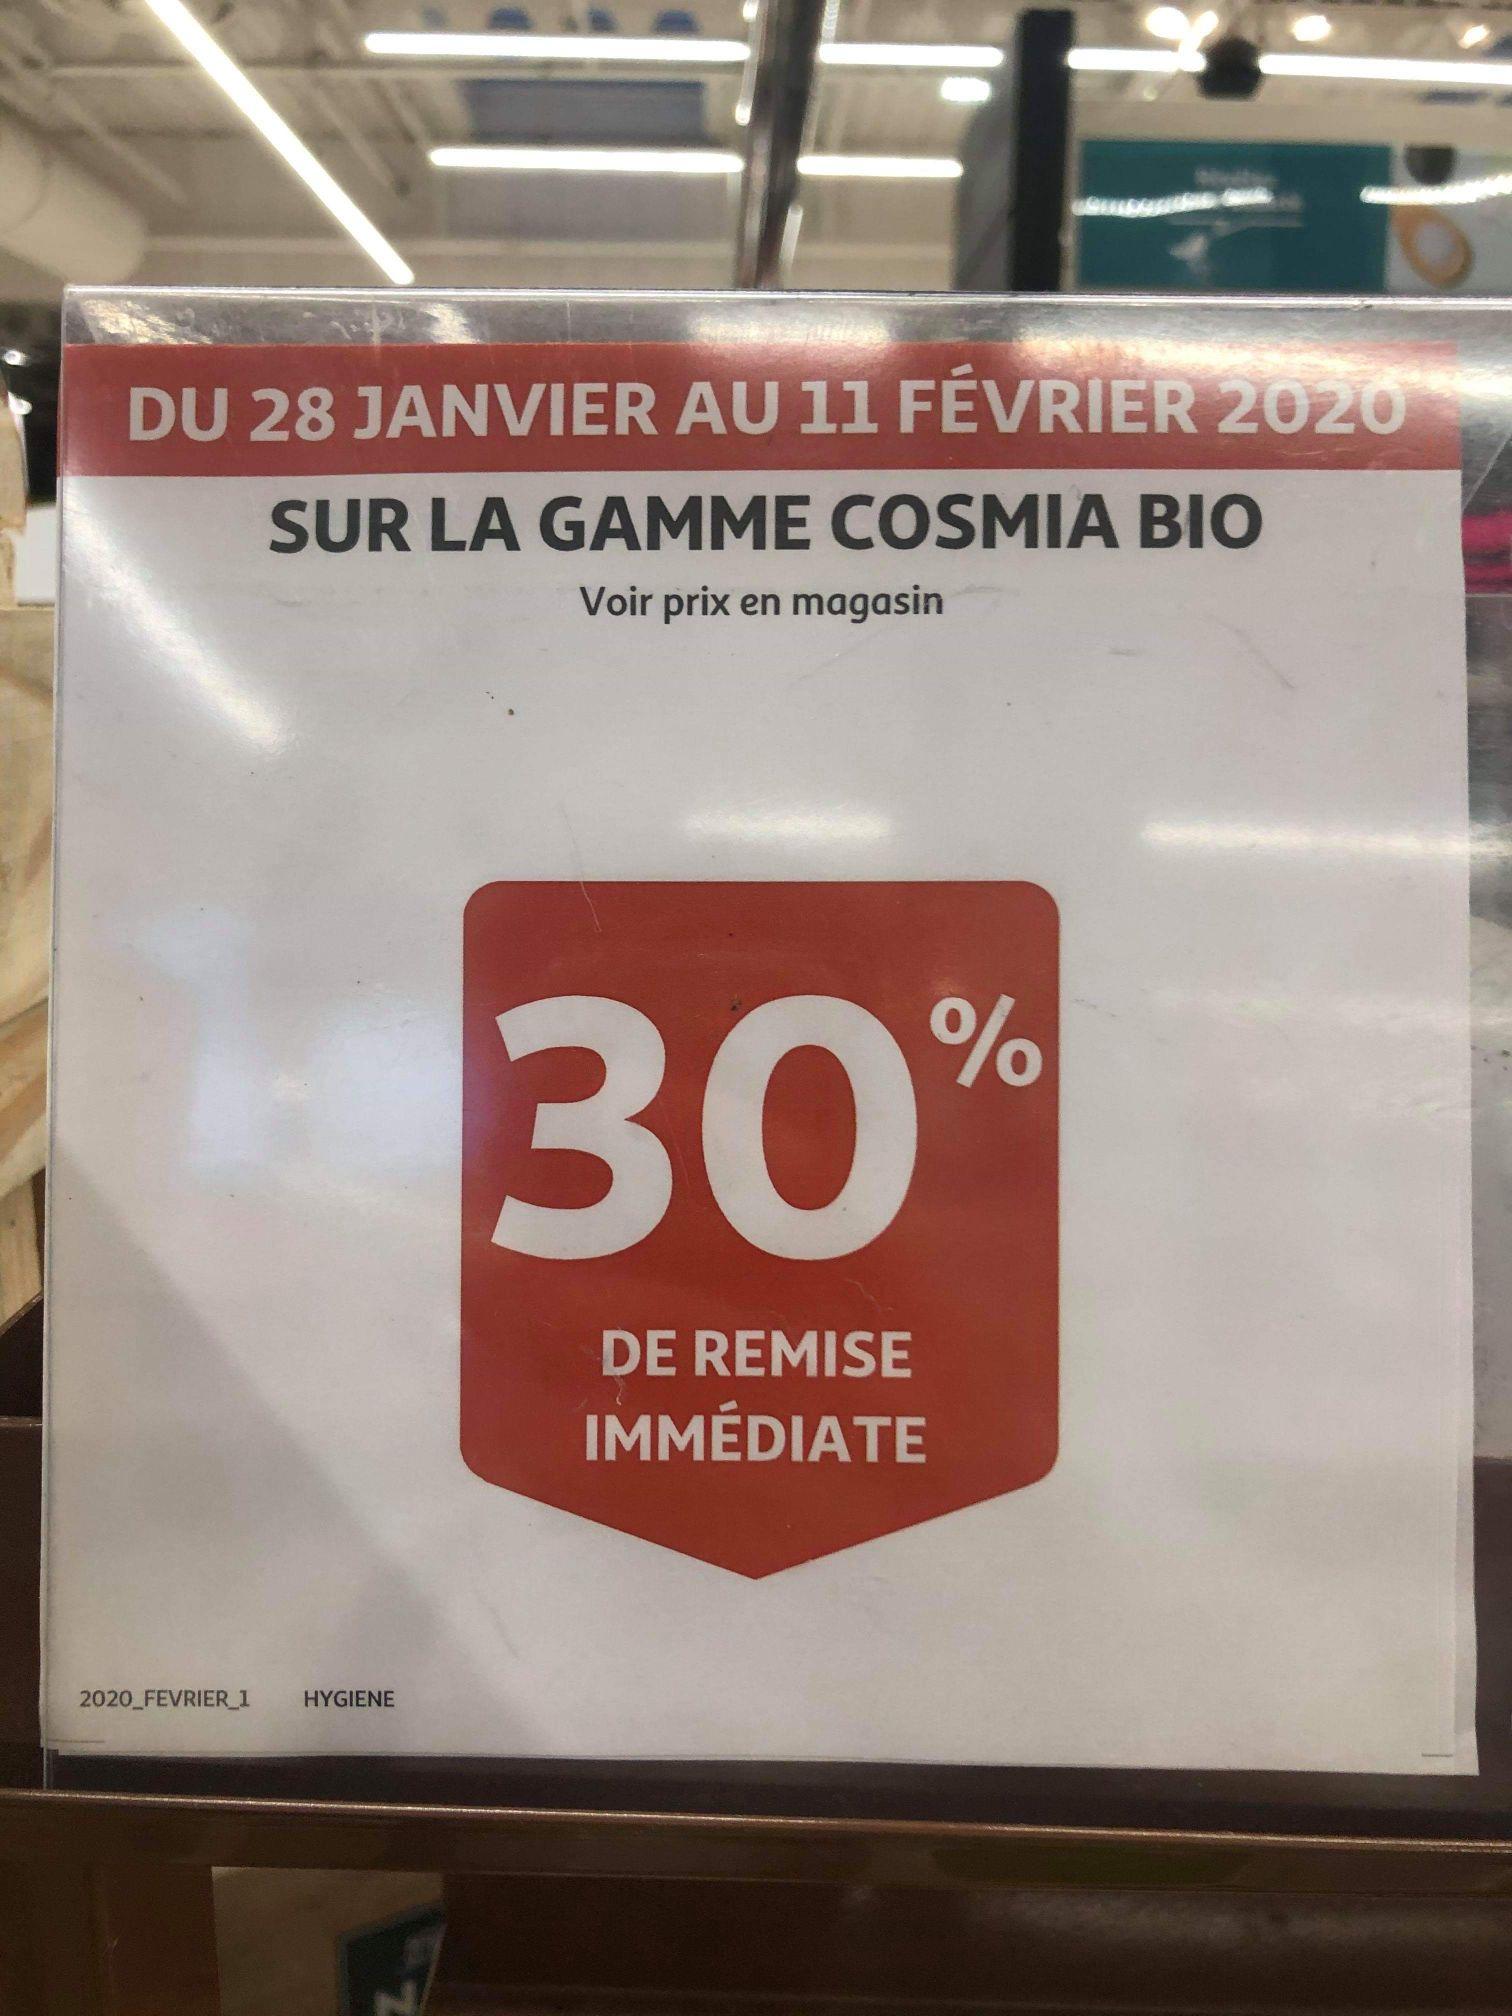 30% de remise immédiate sur les produits Cosmia Bio – Auchan et Auchan Drive National